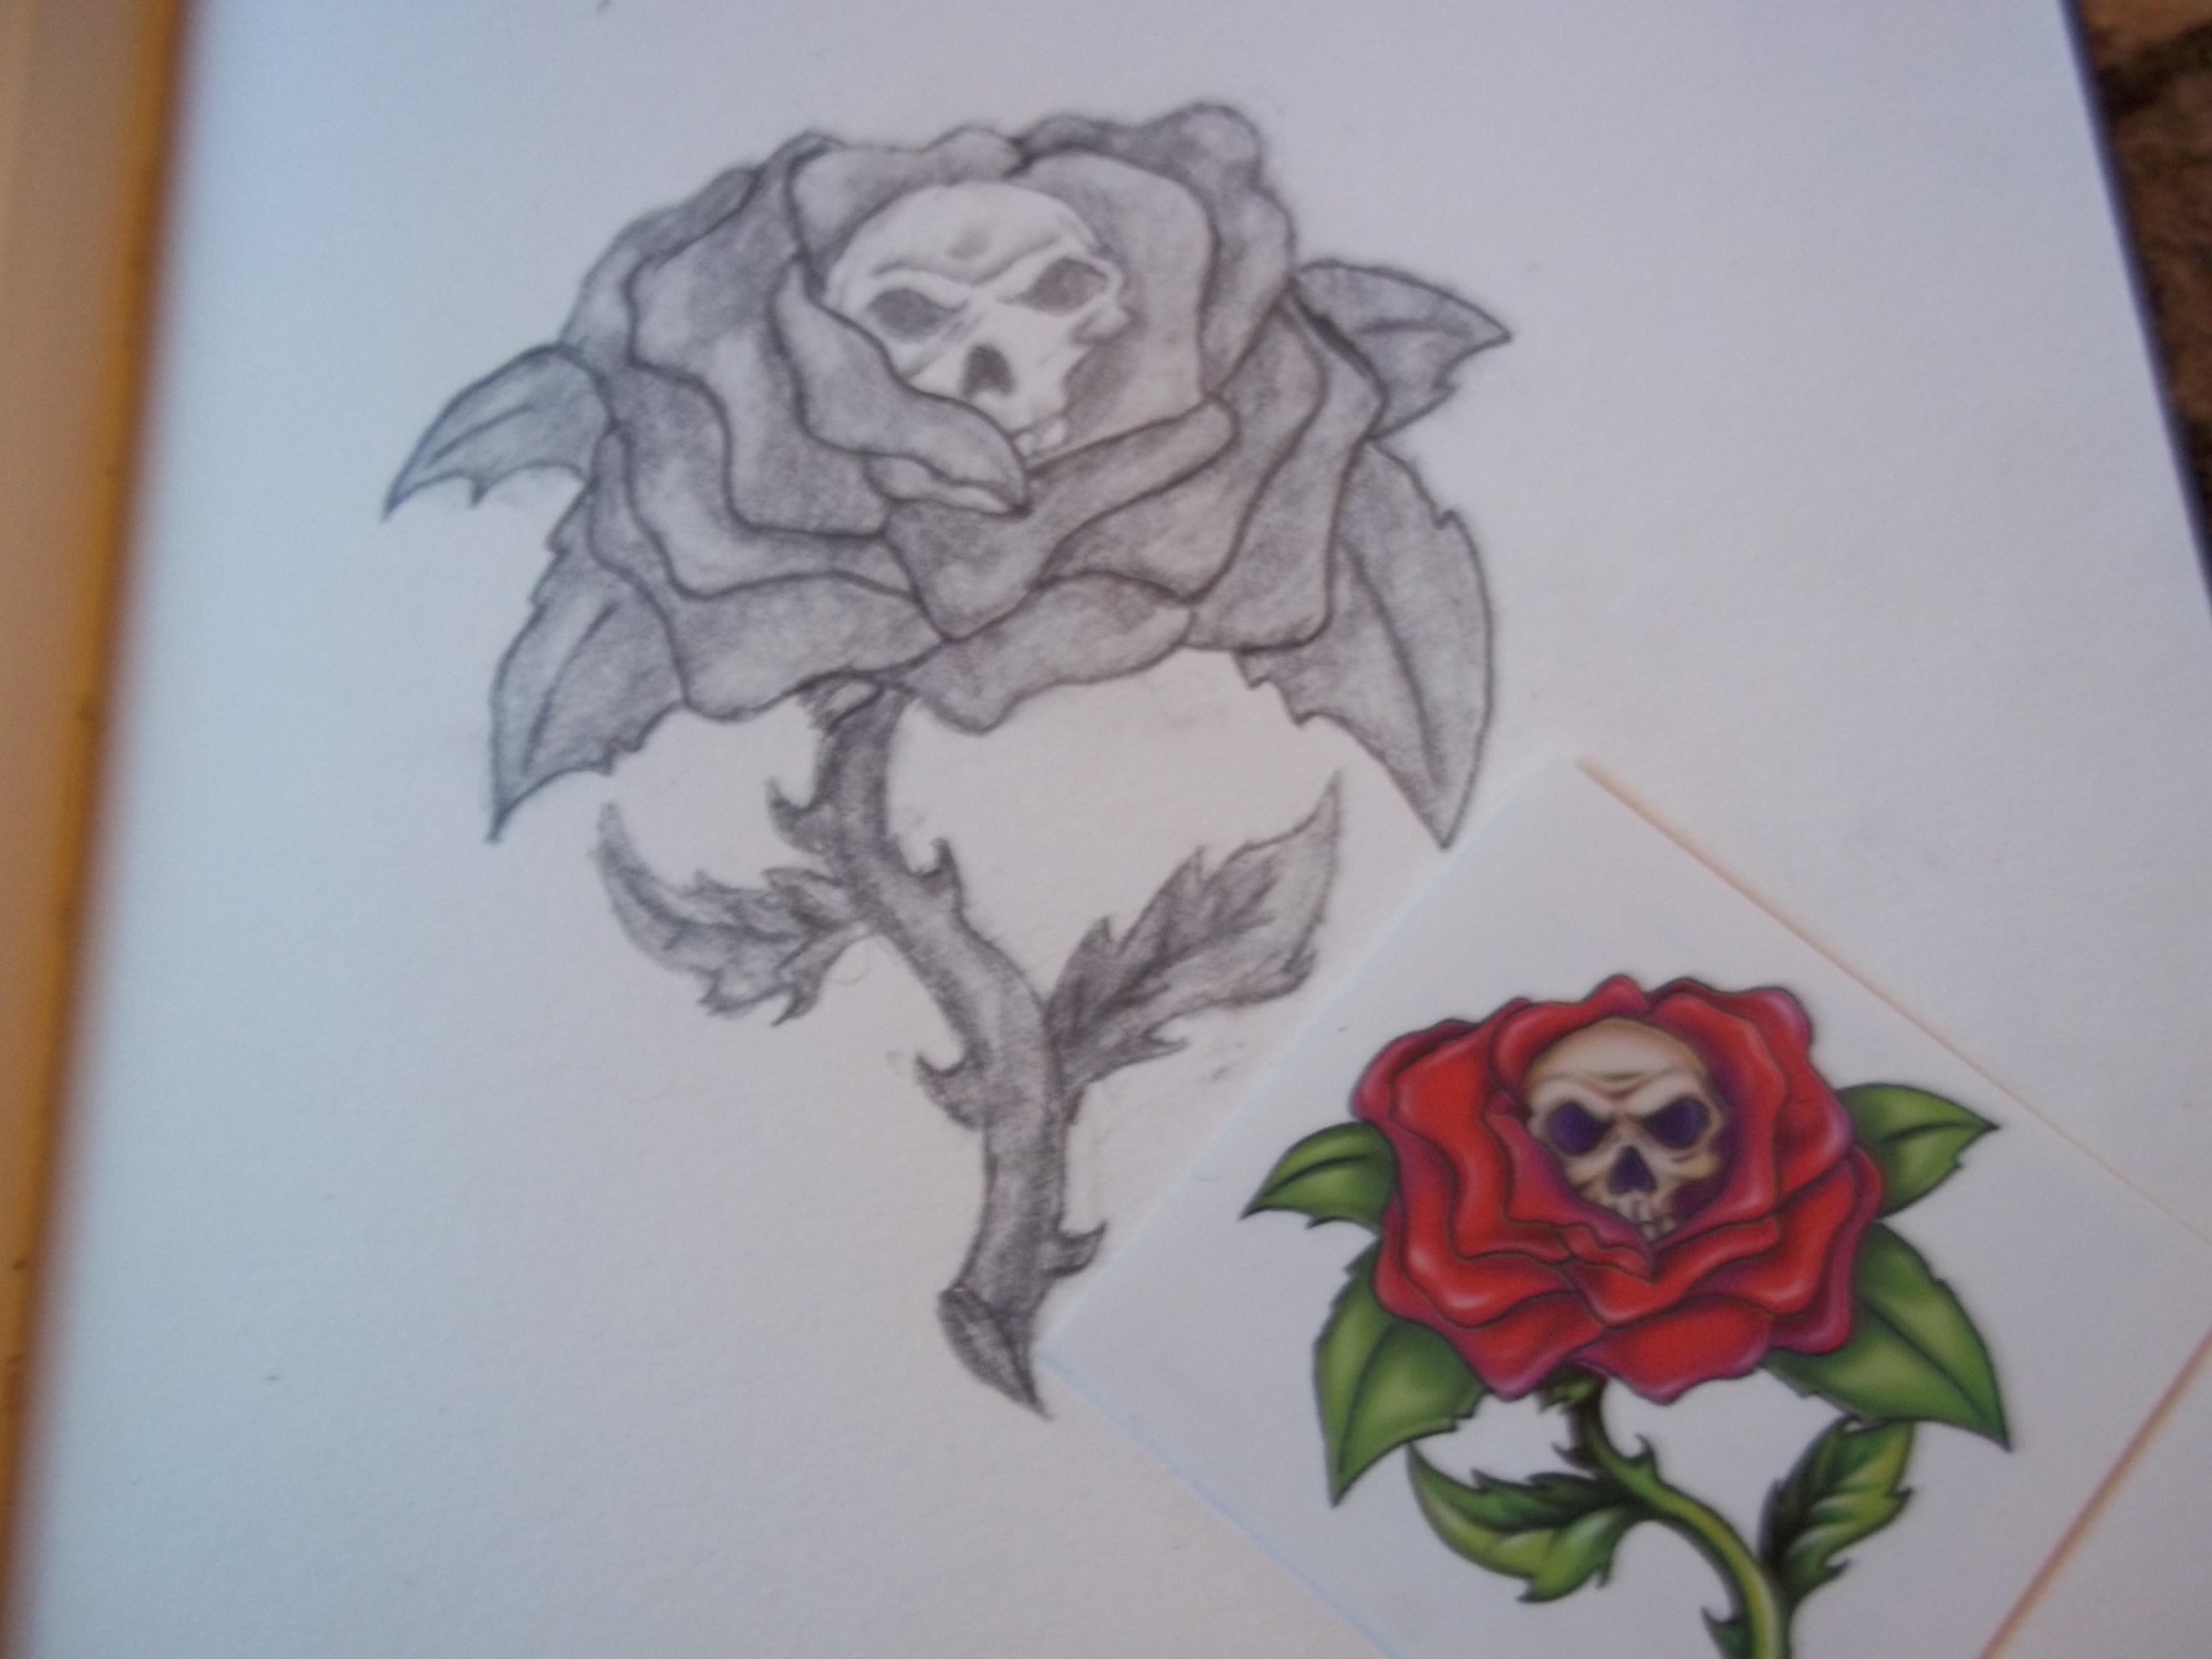 Drawn rose skull inside 21 Skull Inside 2011 A